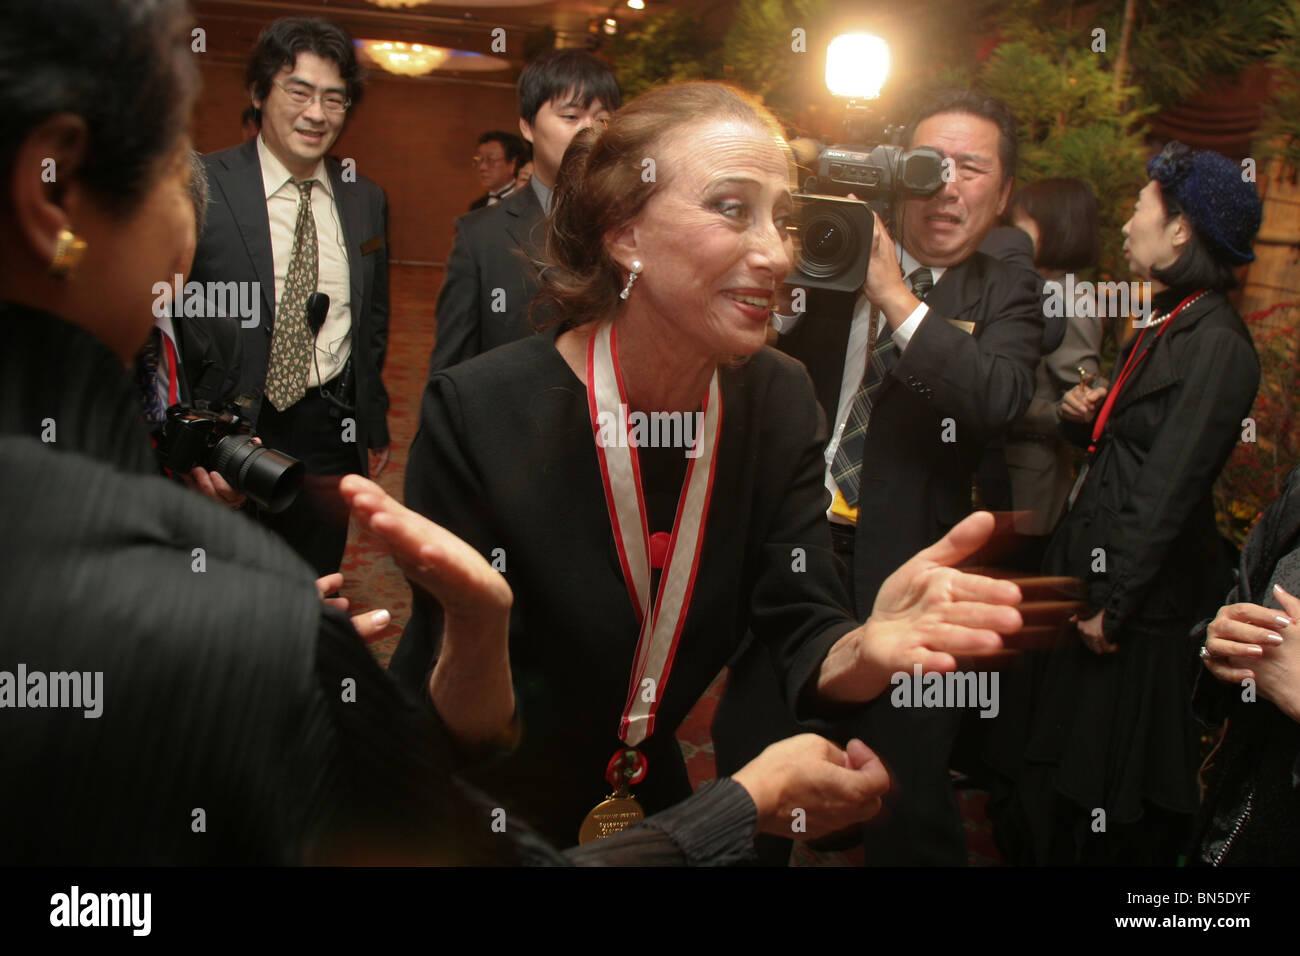 Maya Plisetskaya Awards 93